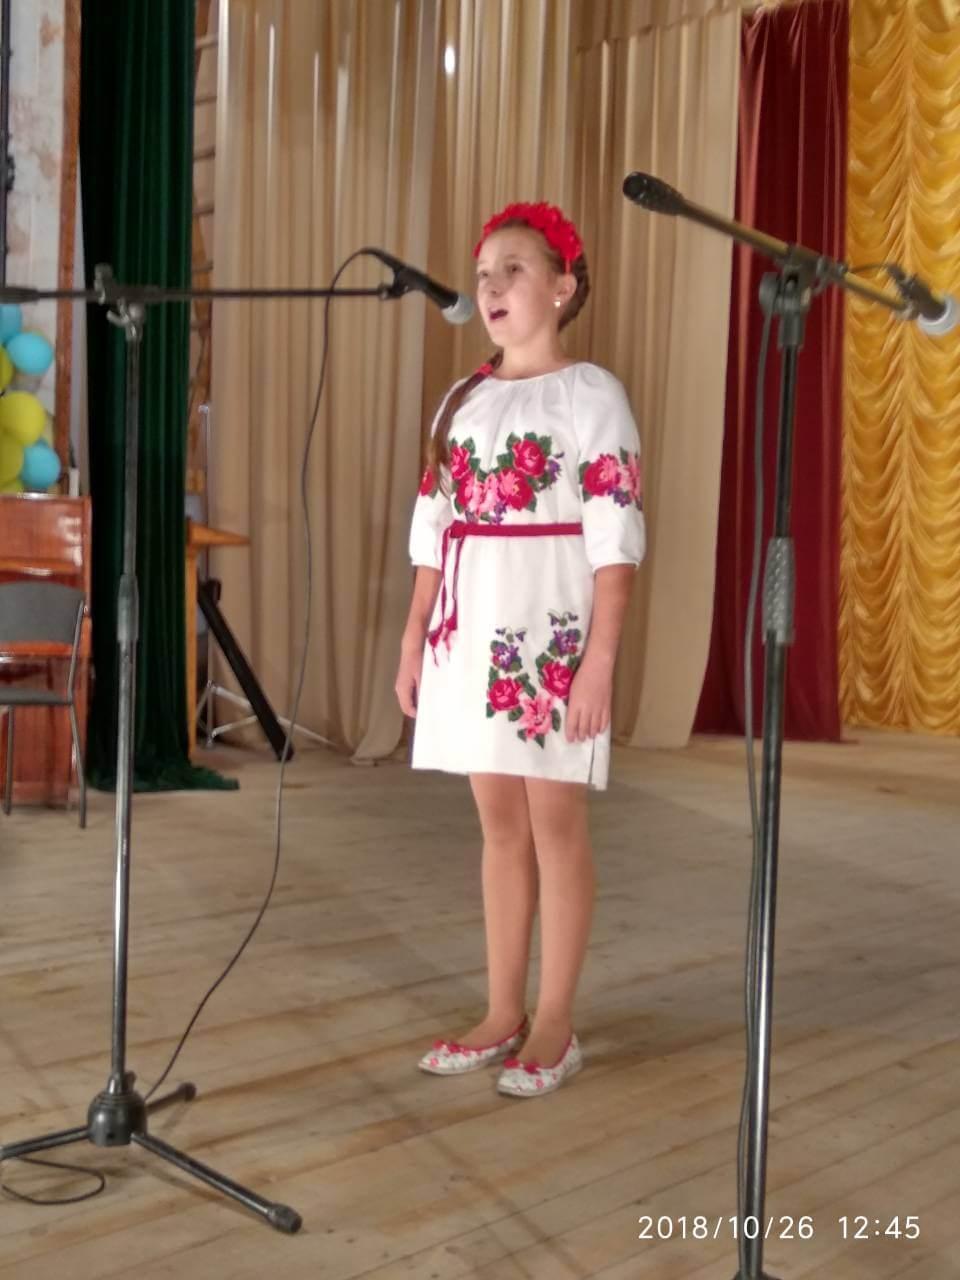 0 02 05 68794829f576903683373104a30ec1e2c5b5b1990352a0c9ade962cd3936f6d9 full - Music Fest «Городоцька осінь-2018»